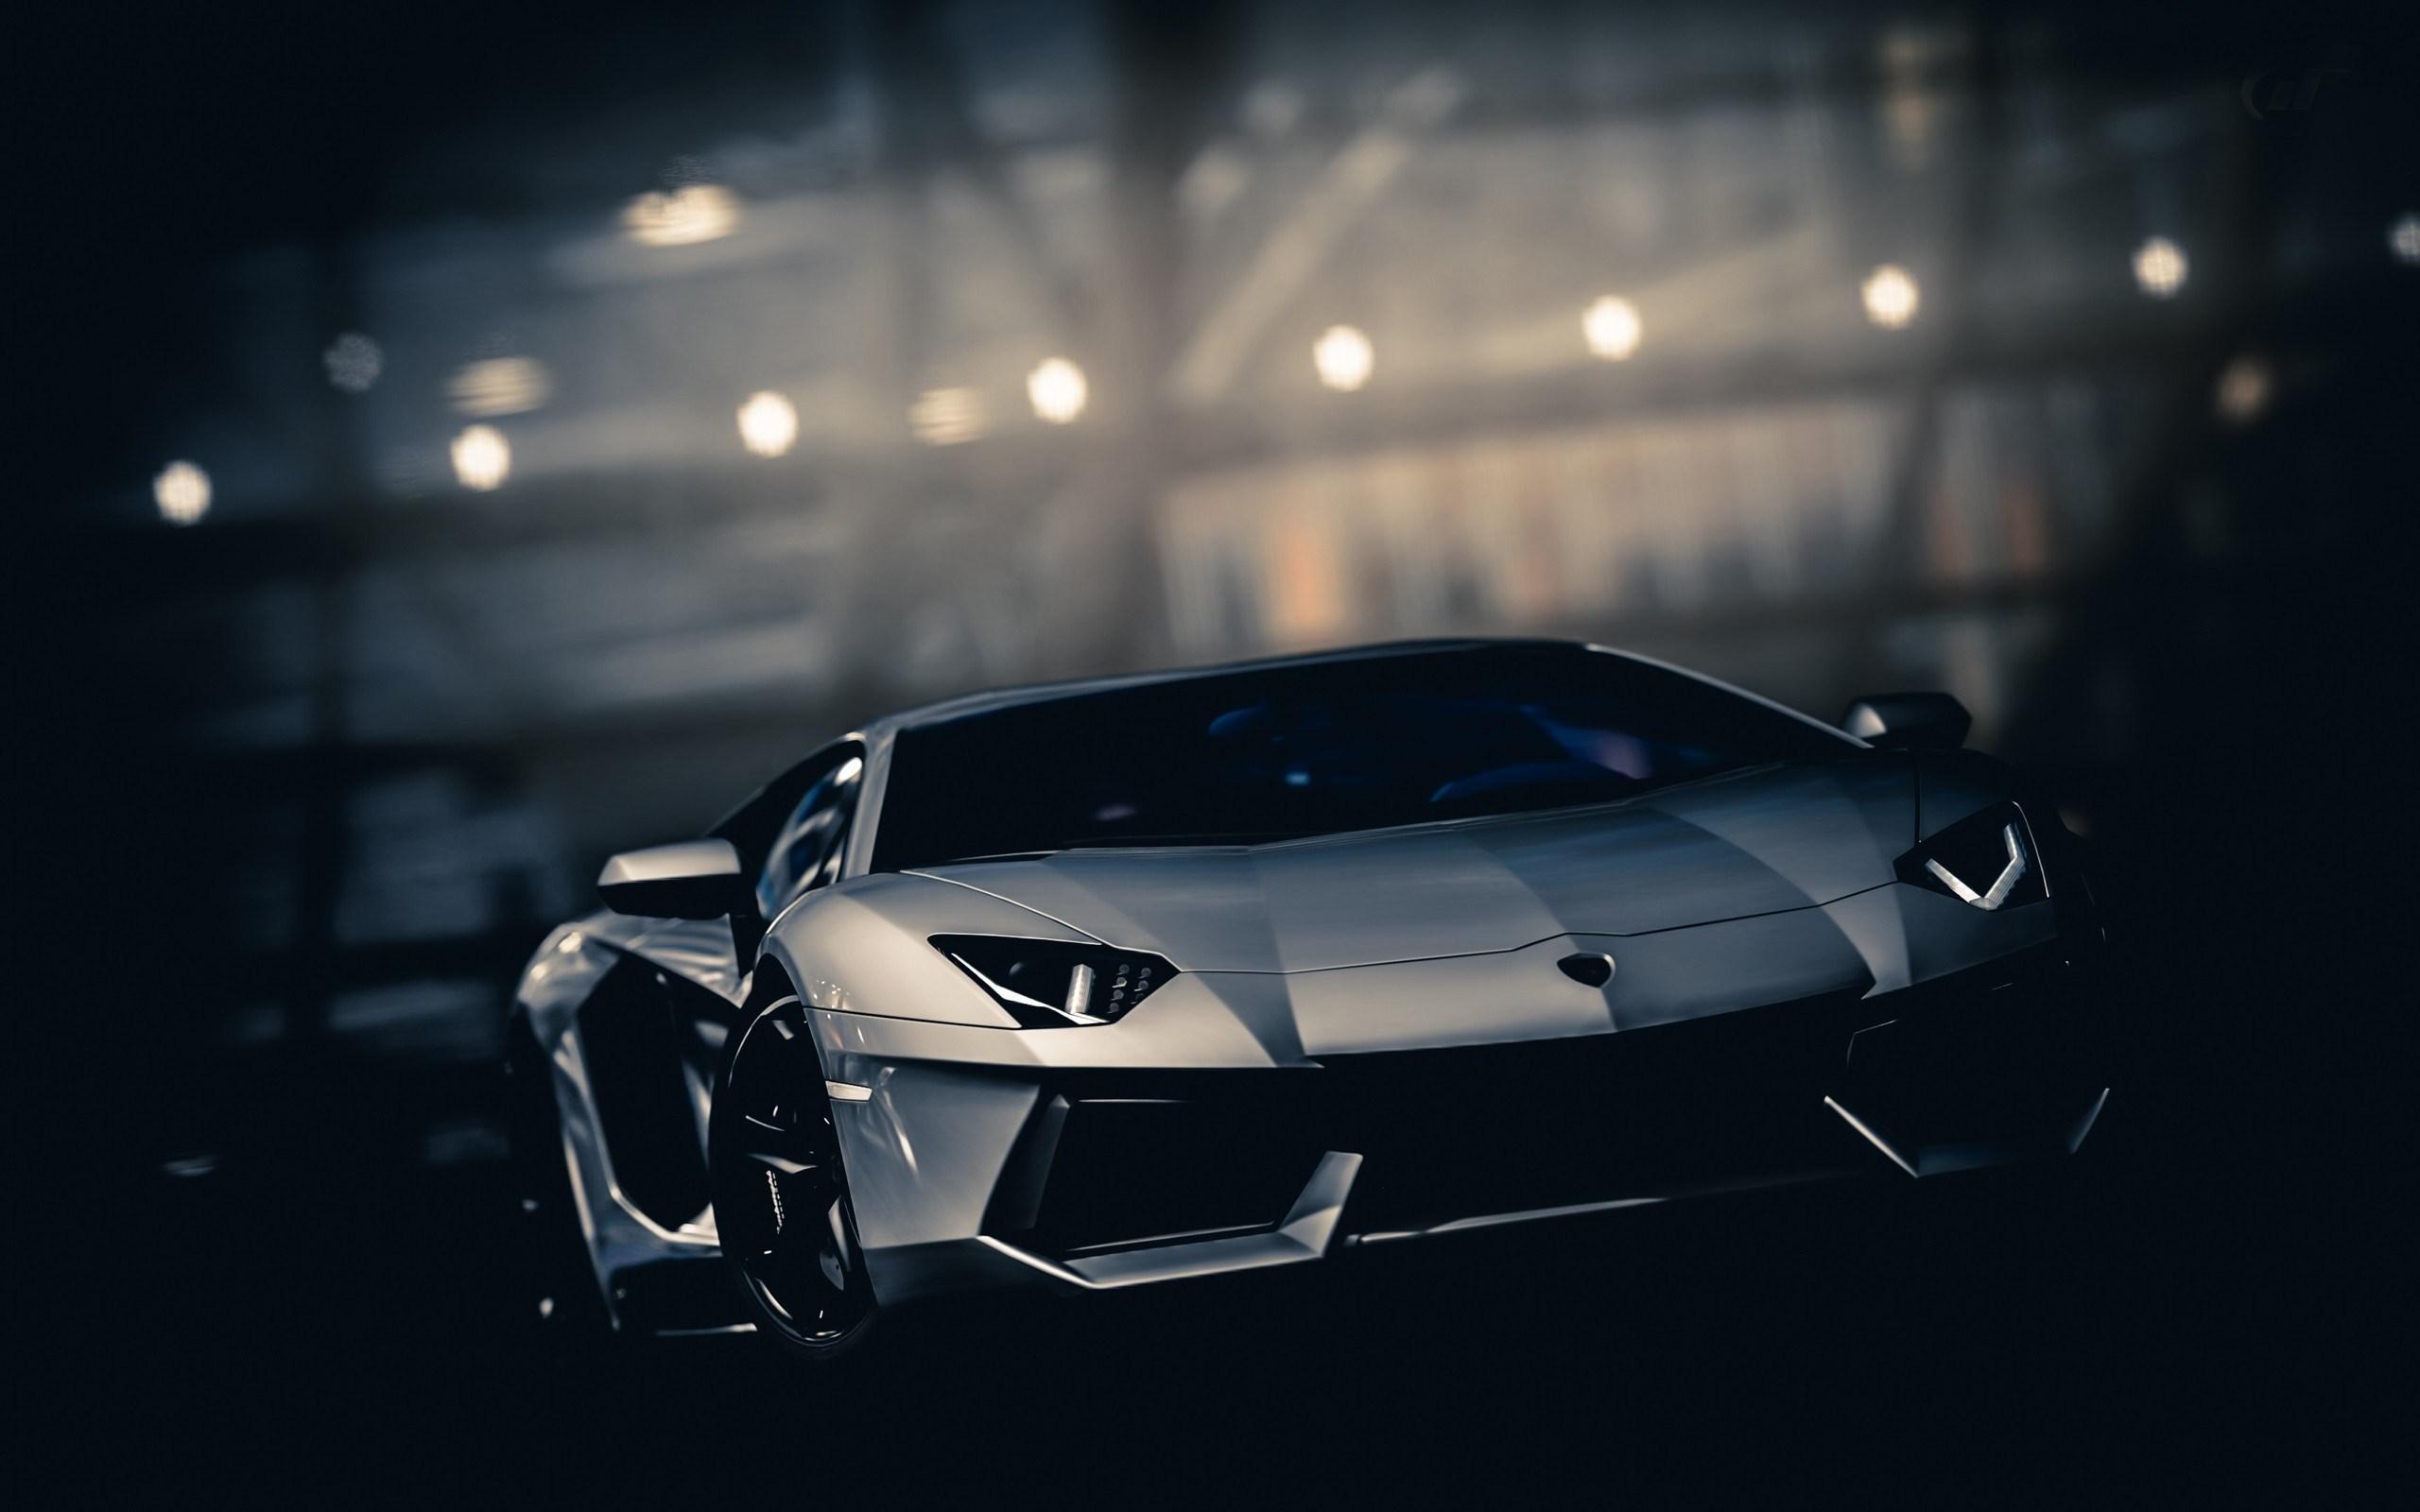 Awesome Car Lamborghini Aventador